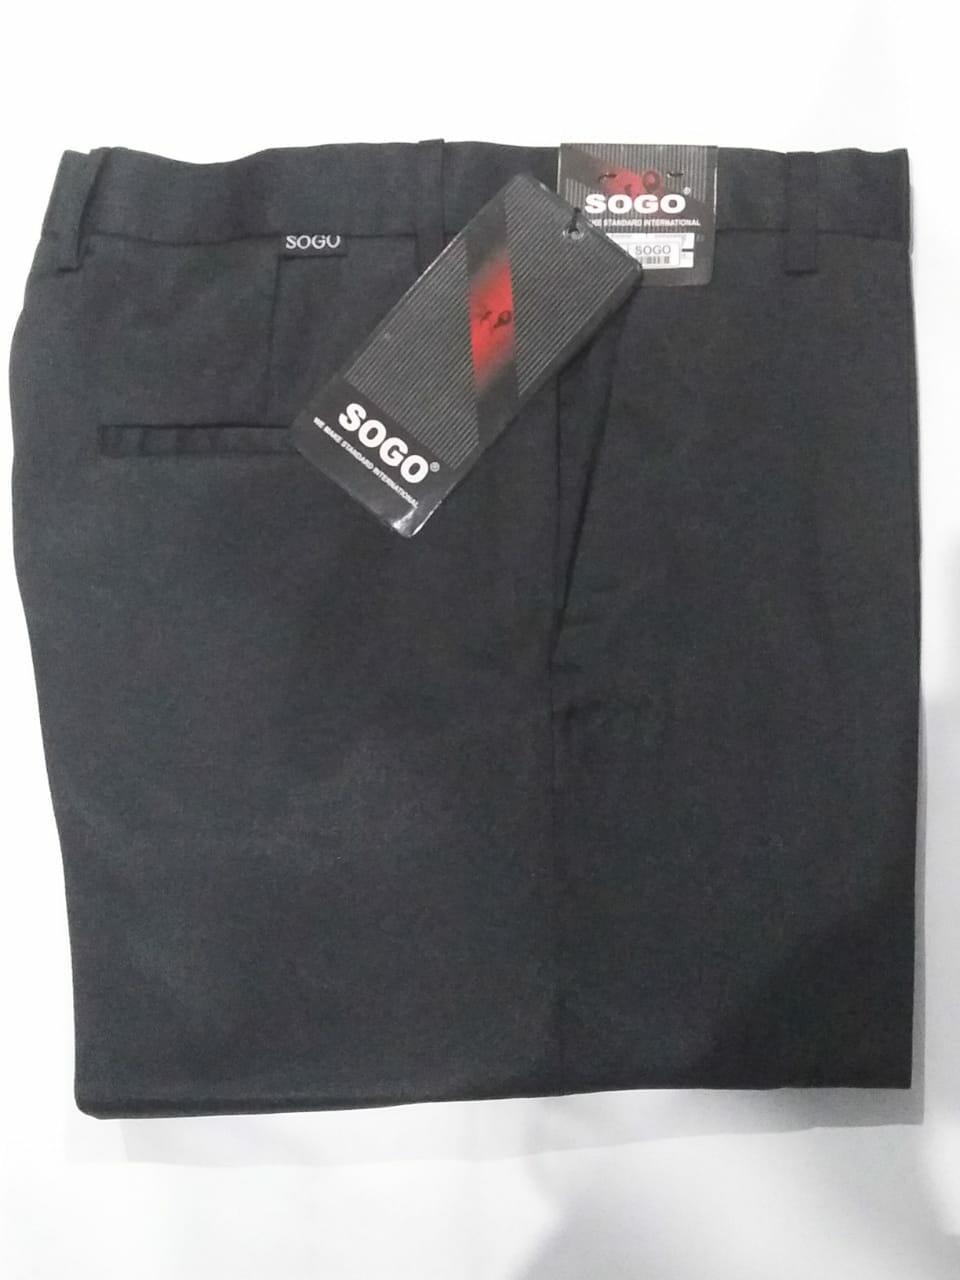 Celana Chino Formal Kasual Pria Panjang Htam Prosperoz Kantoran Kerja Slim Fit Modern